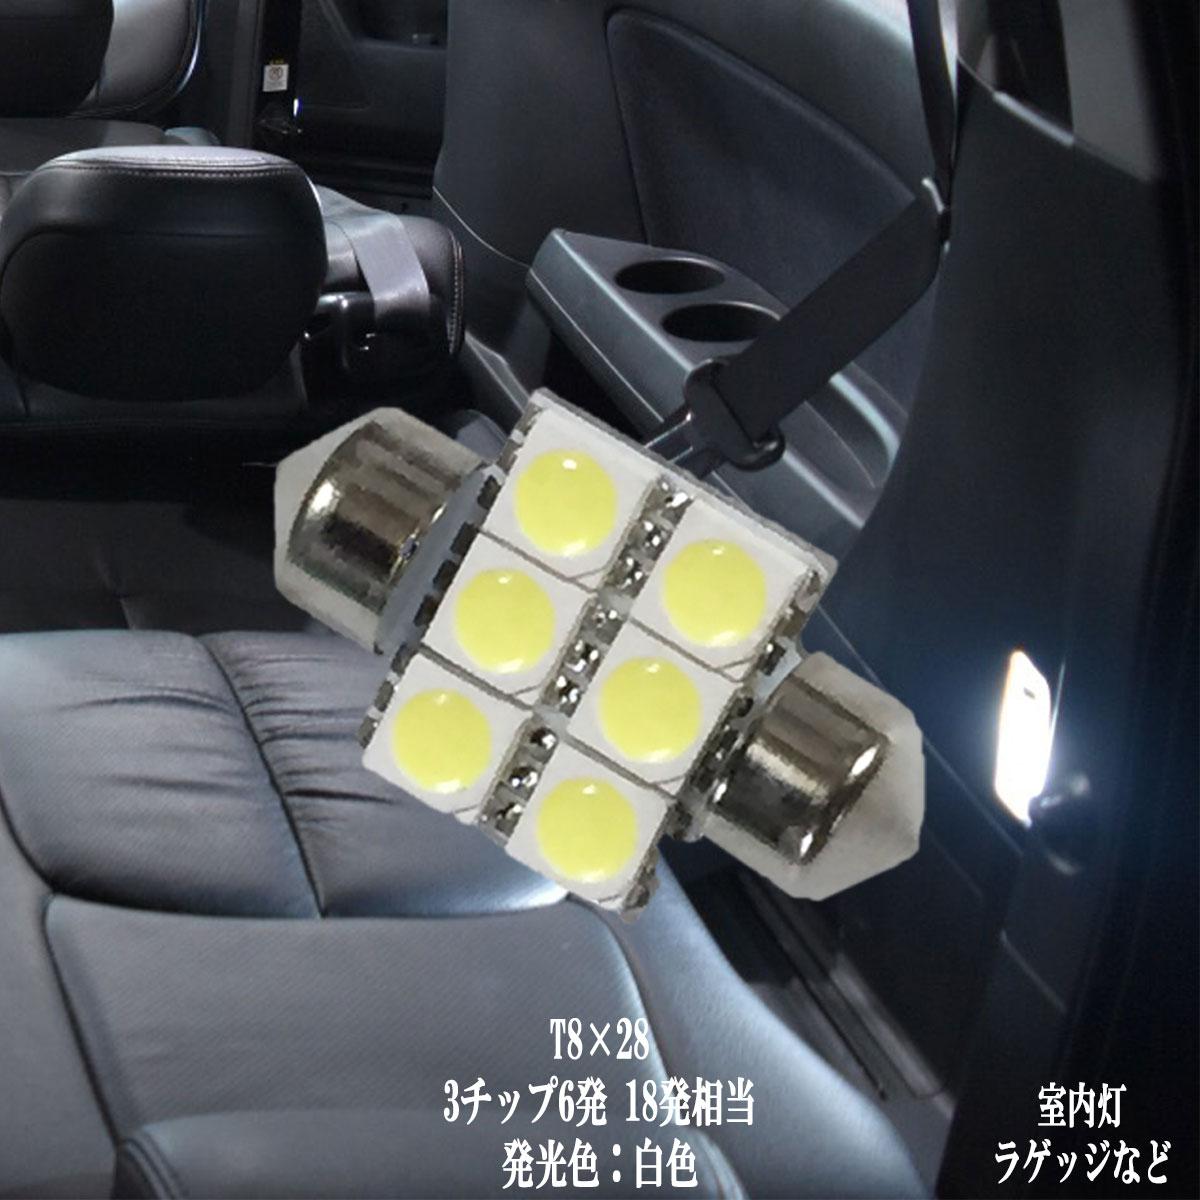 あす楽可 カスタム ルームランプ 車内が明るく アウトドアにも便利 まばゆい光 定番の 白 ホワイト 純白光 車検対応 T8×28 LED 6000Kクラスの あす楽可--ss 激安セール 6連 ラゲッジ ふるさと割 led 1年保証 綺麗な光 3チップSMD トランク led電球 車内灯 12v